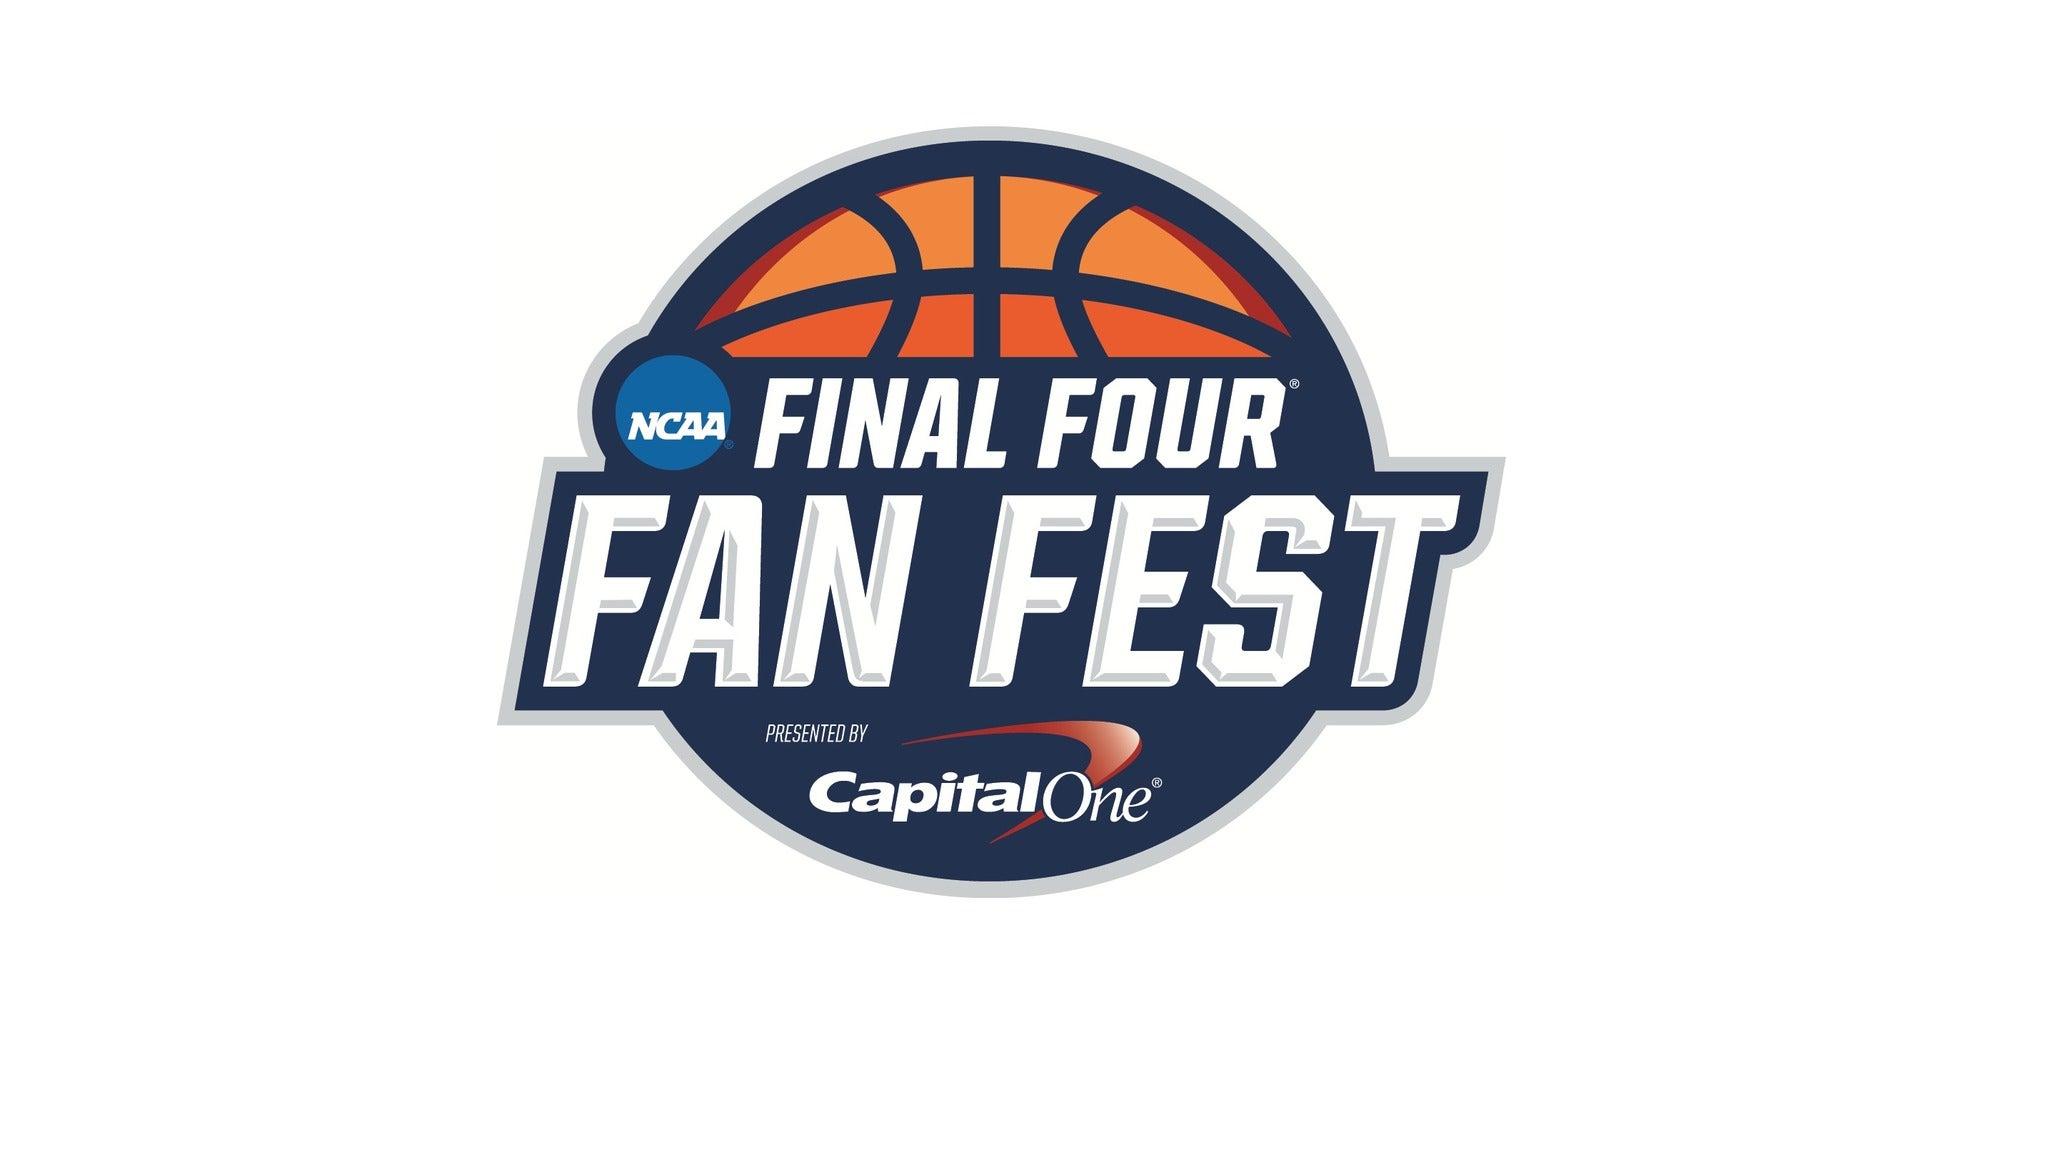 Final Four Fan Fest at BB&T Center